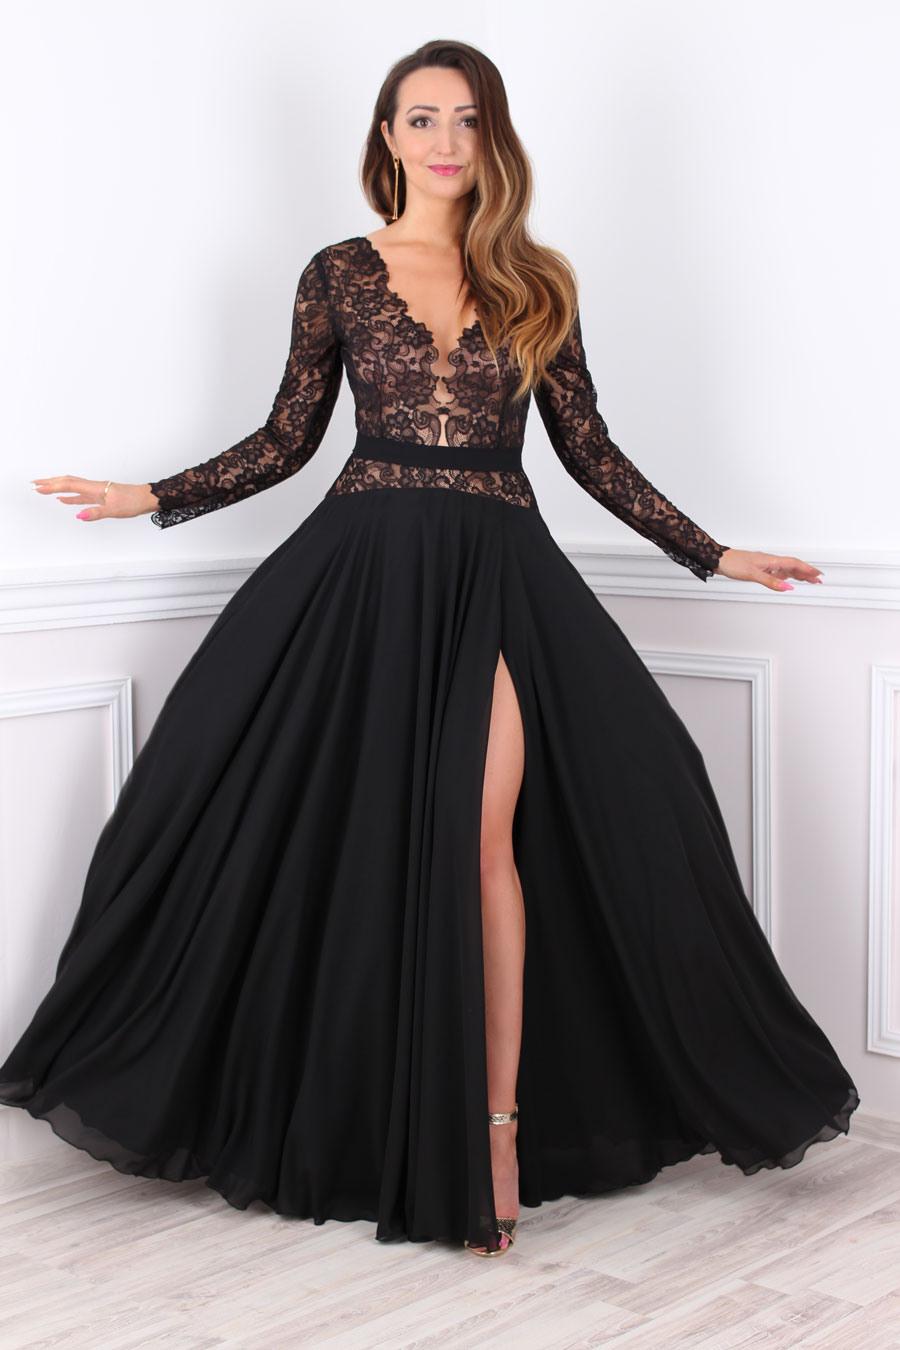 Abend Erstaunlich Xxl Abendkleid für 10 - Abendkleid